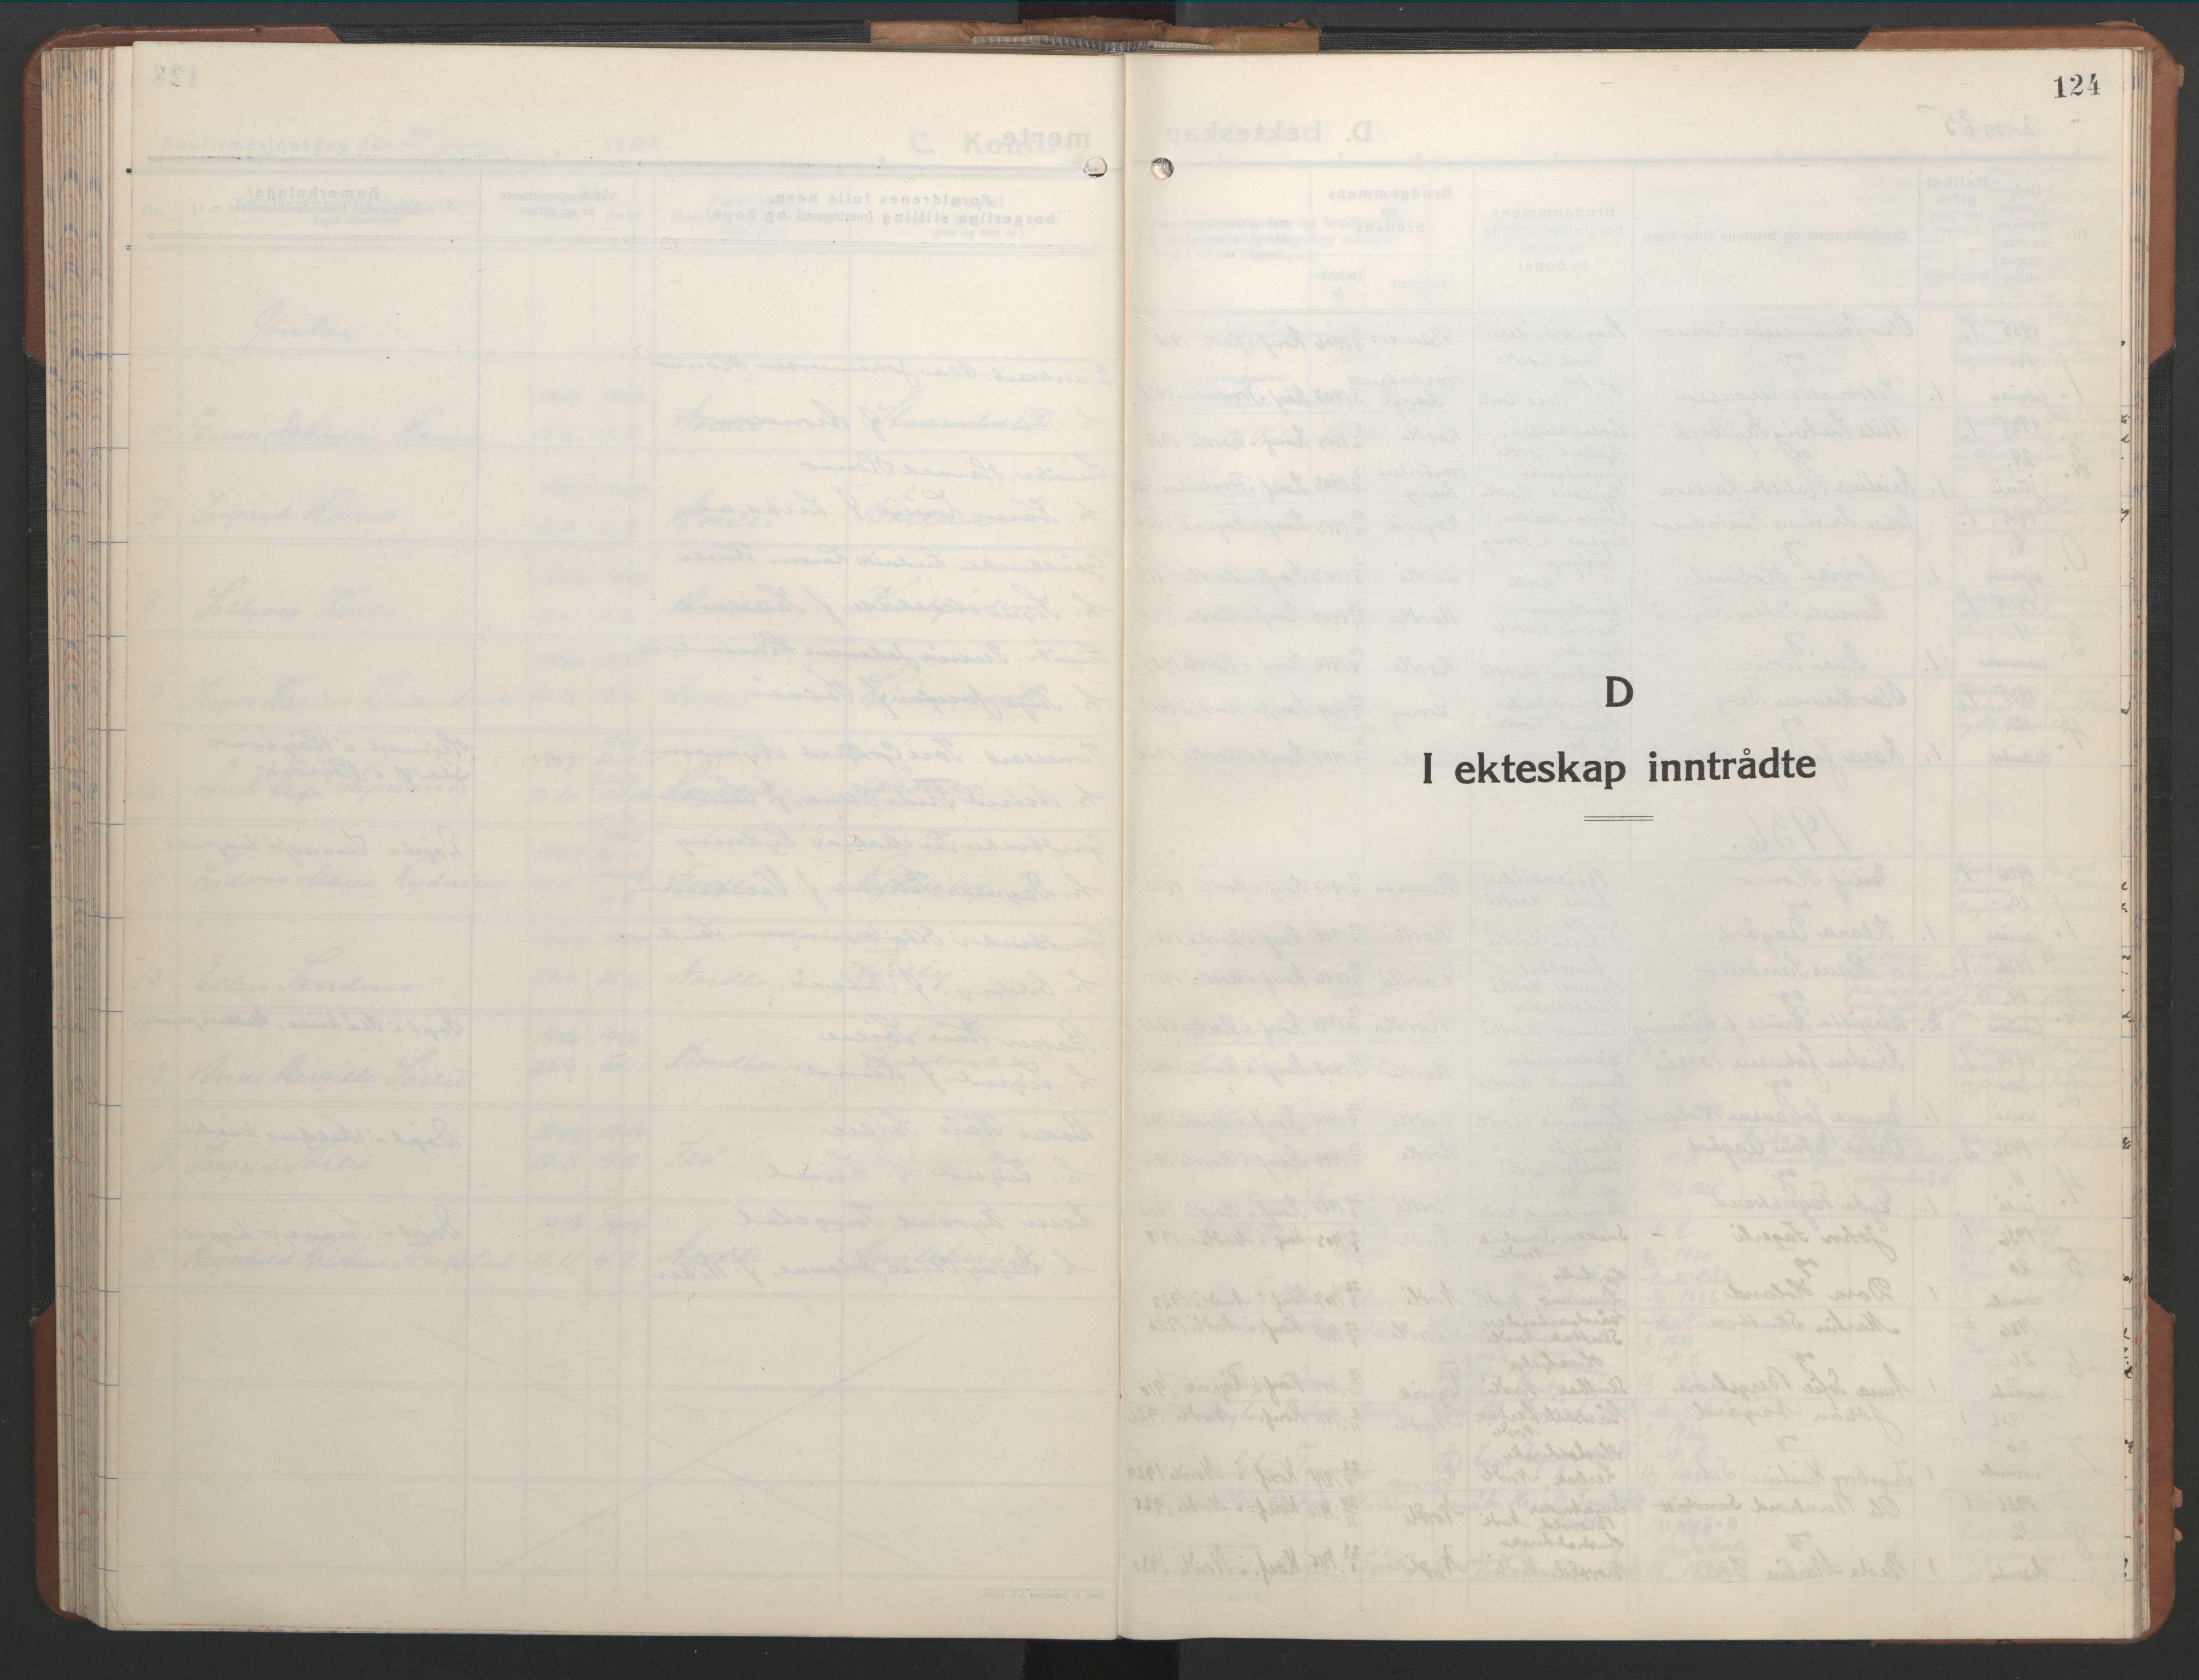 SAT, Ministerialprotokoller, klokkerbøker og fødselsregistre - Nord-Trøndelag, 755/L0500: Klokkerbok nr. 755C01, 1920-1962, s. 124